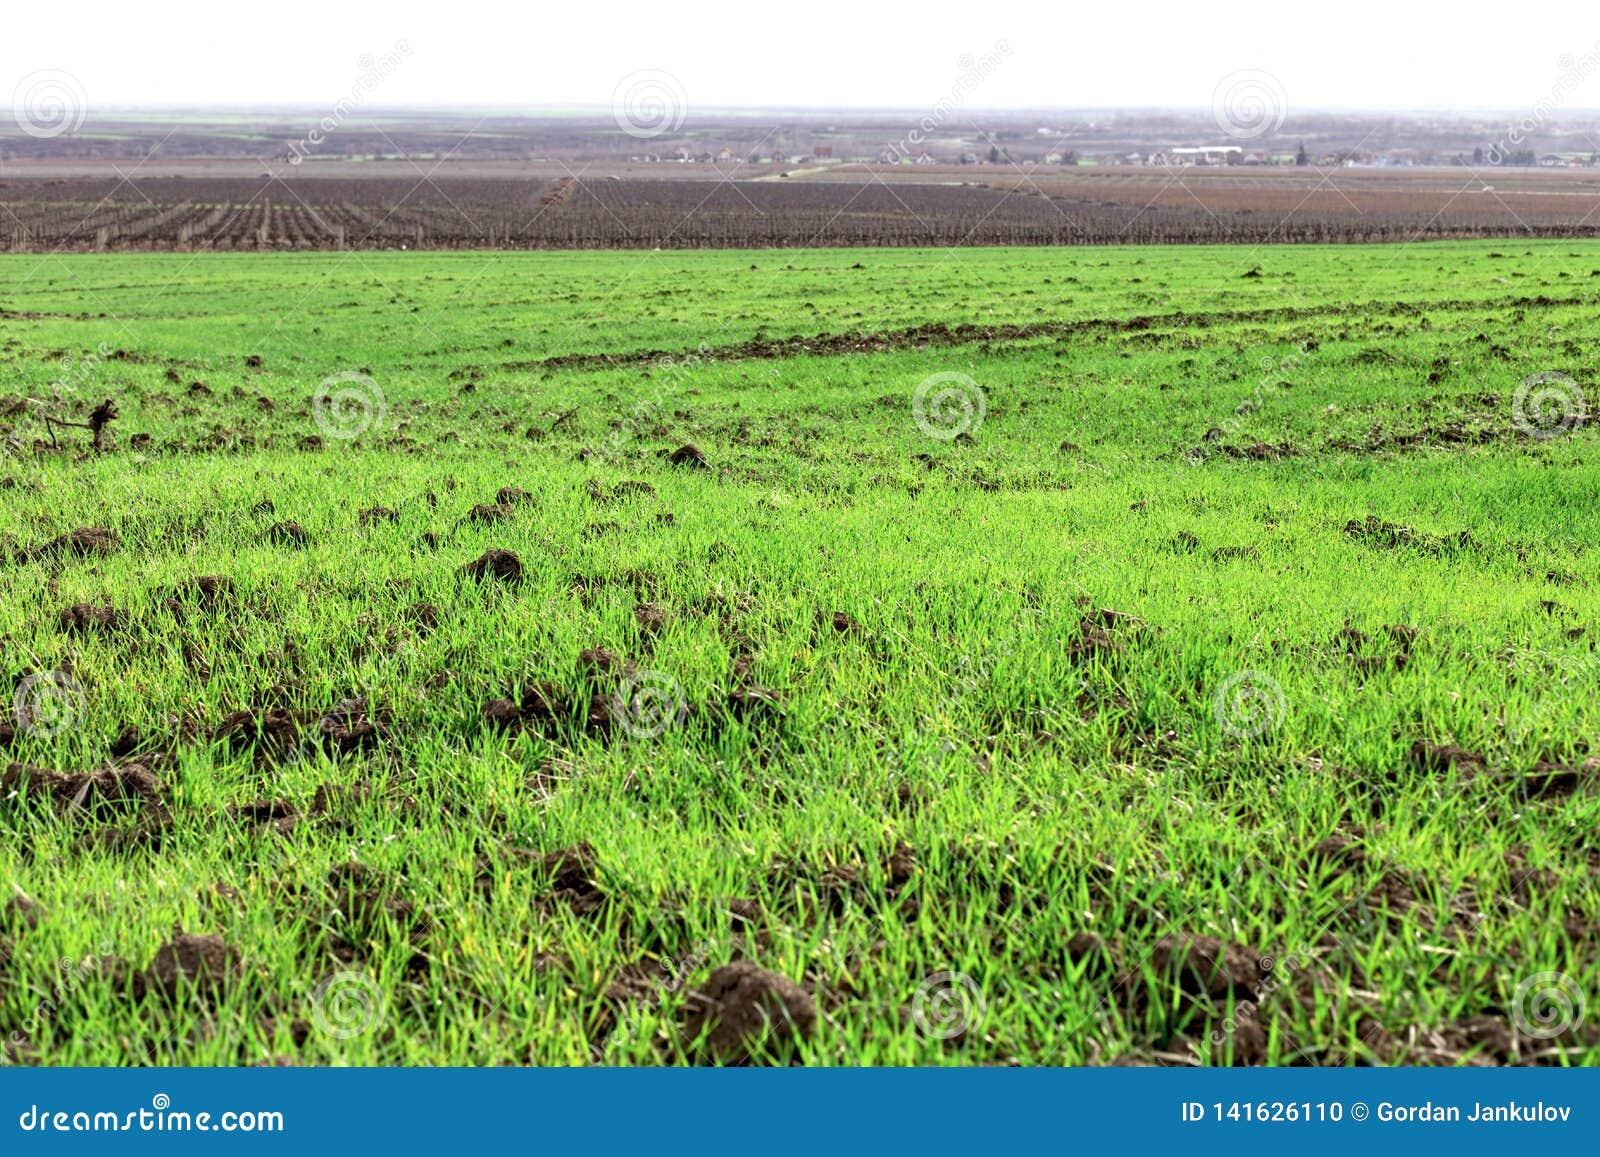 De tarwe is gezaaide in time, is de jonge tarwe zeer goed geavanceerd, tarwegebied en wijngaard